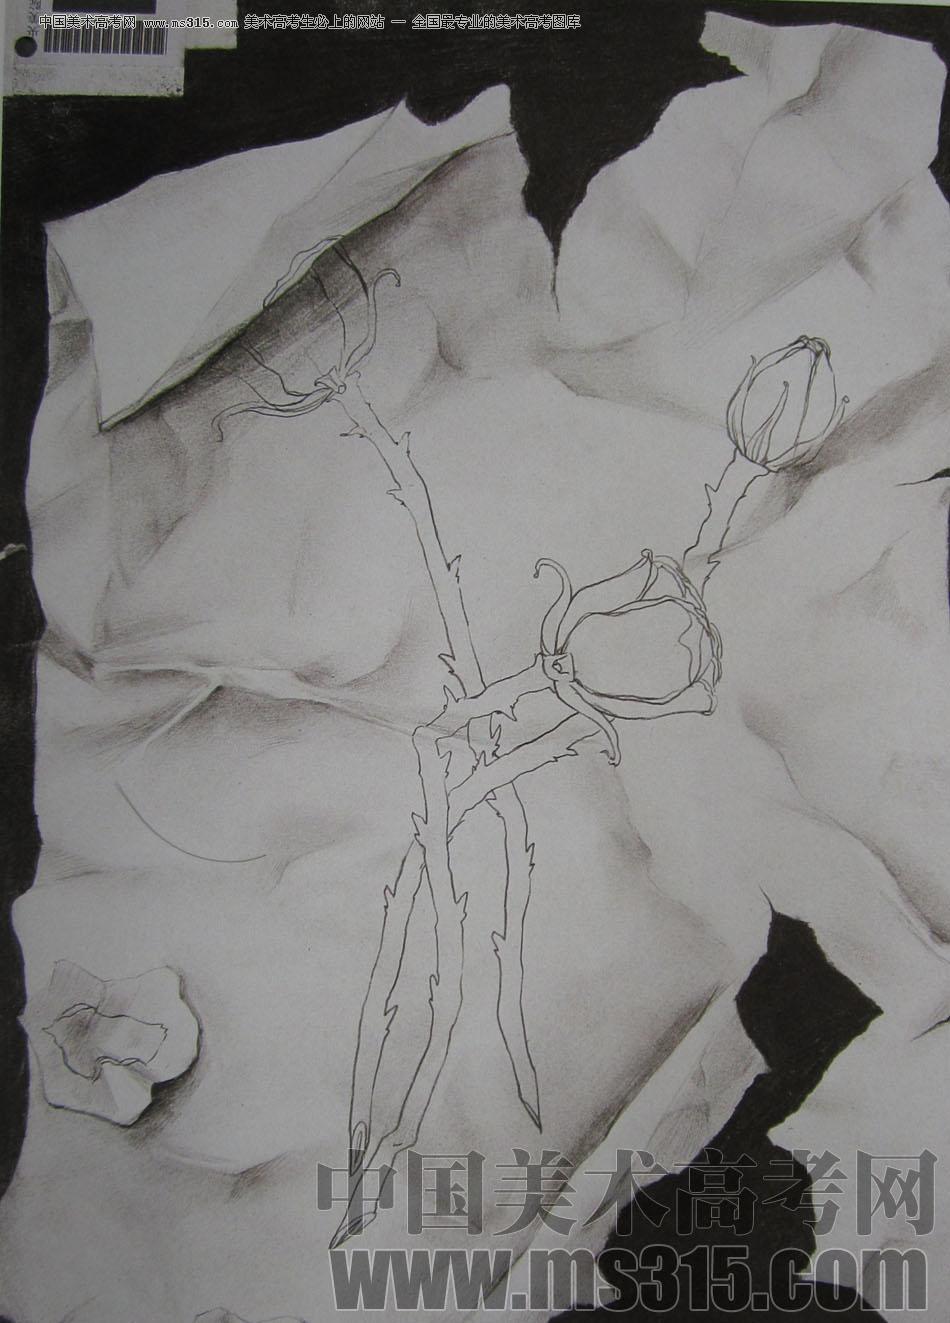 2009年中央美术学院艺术设计专业优秀试卷4(素描)